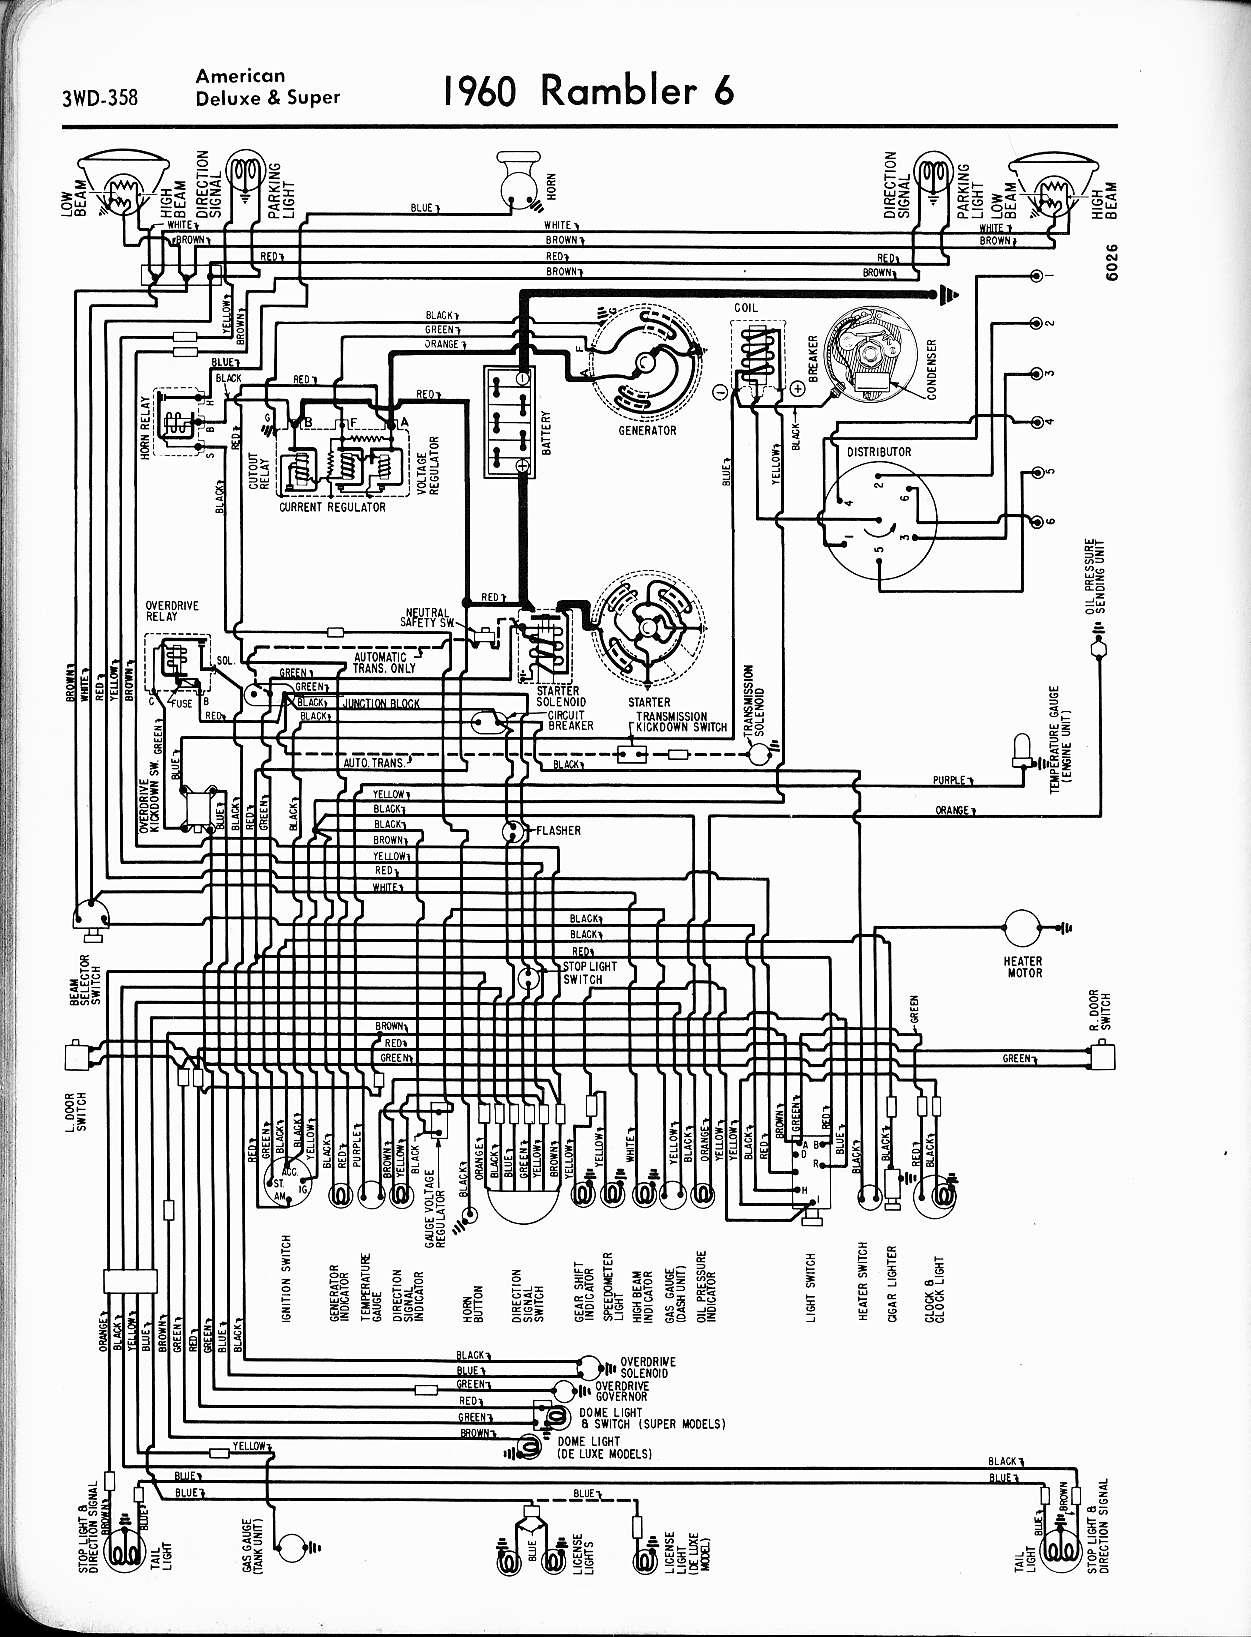 wiring diagrams of 1958 rambler 6 american